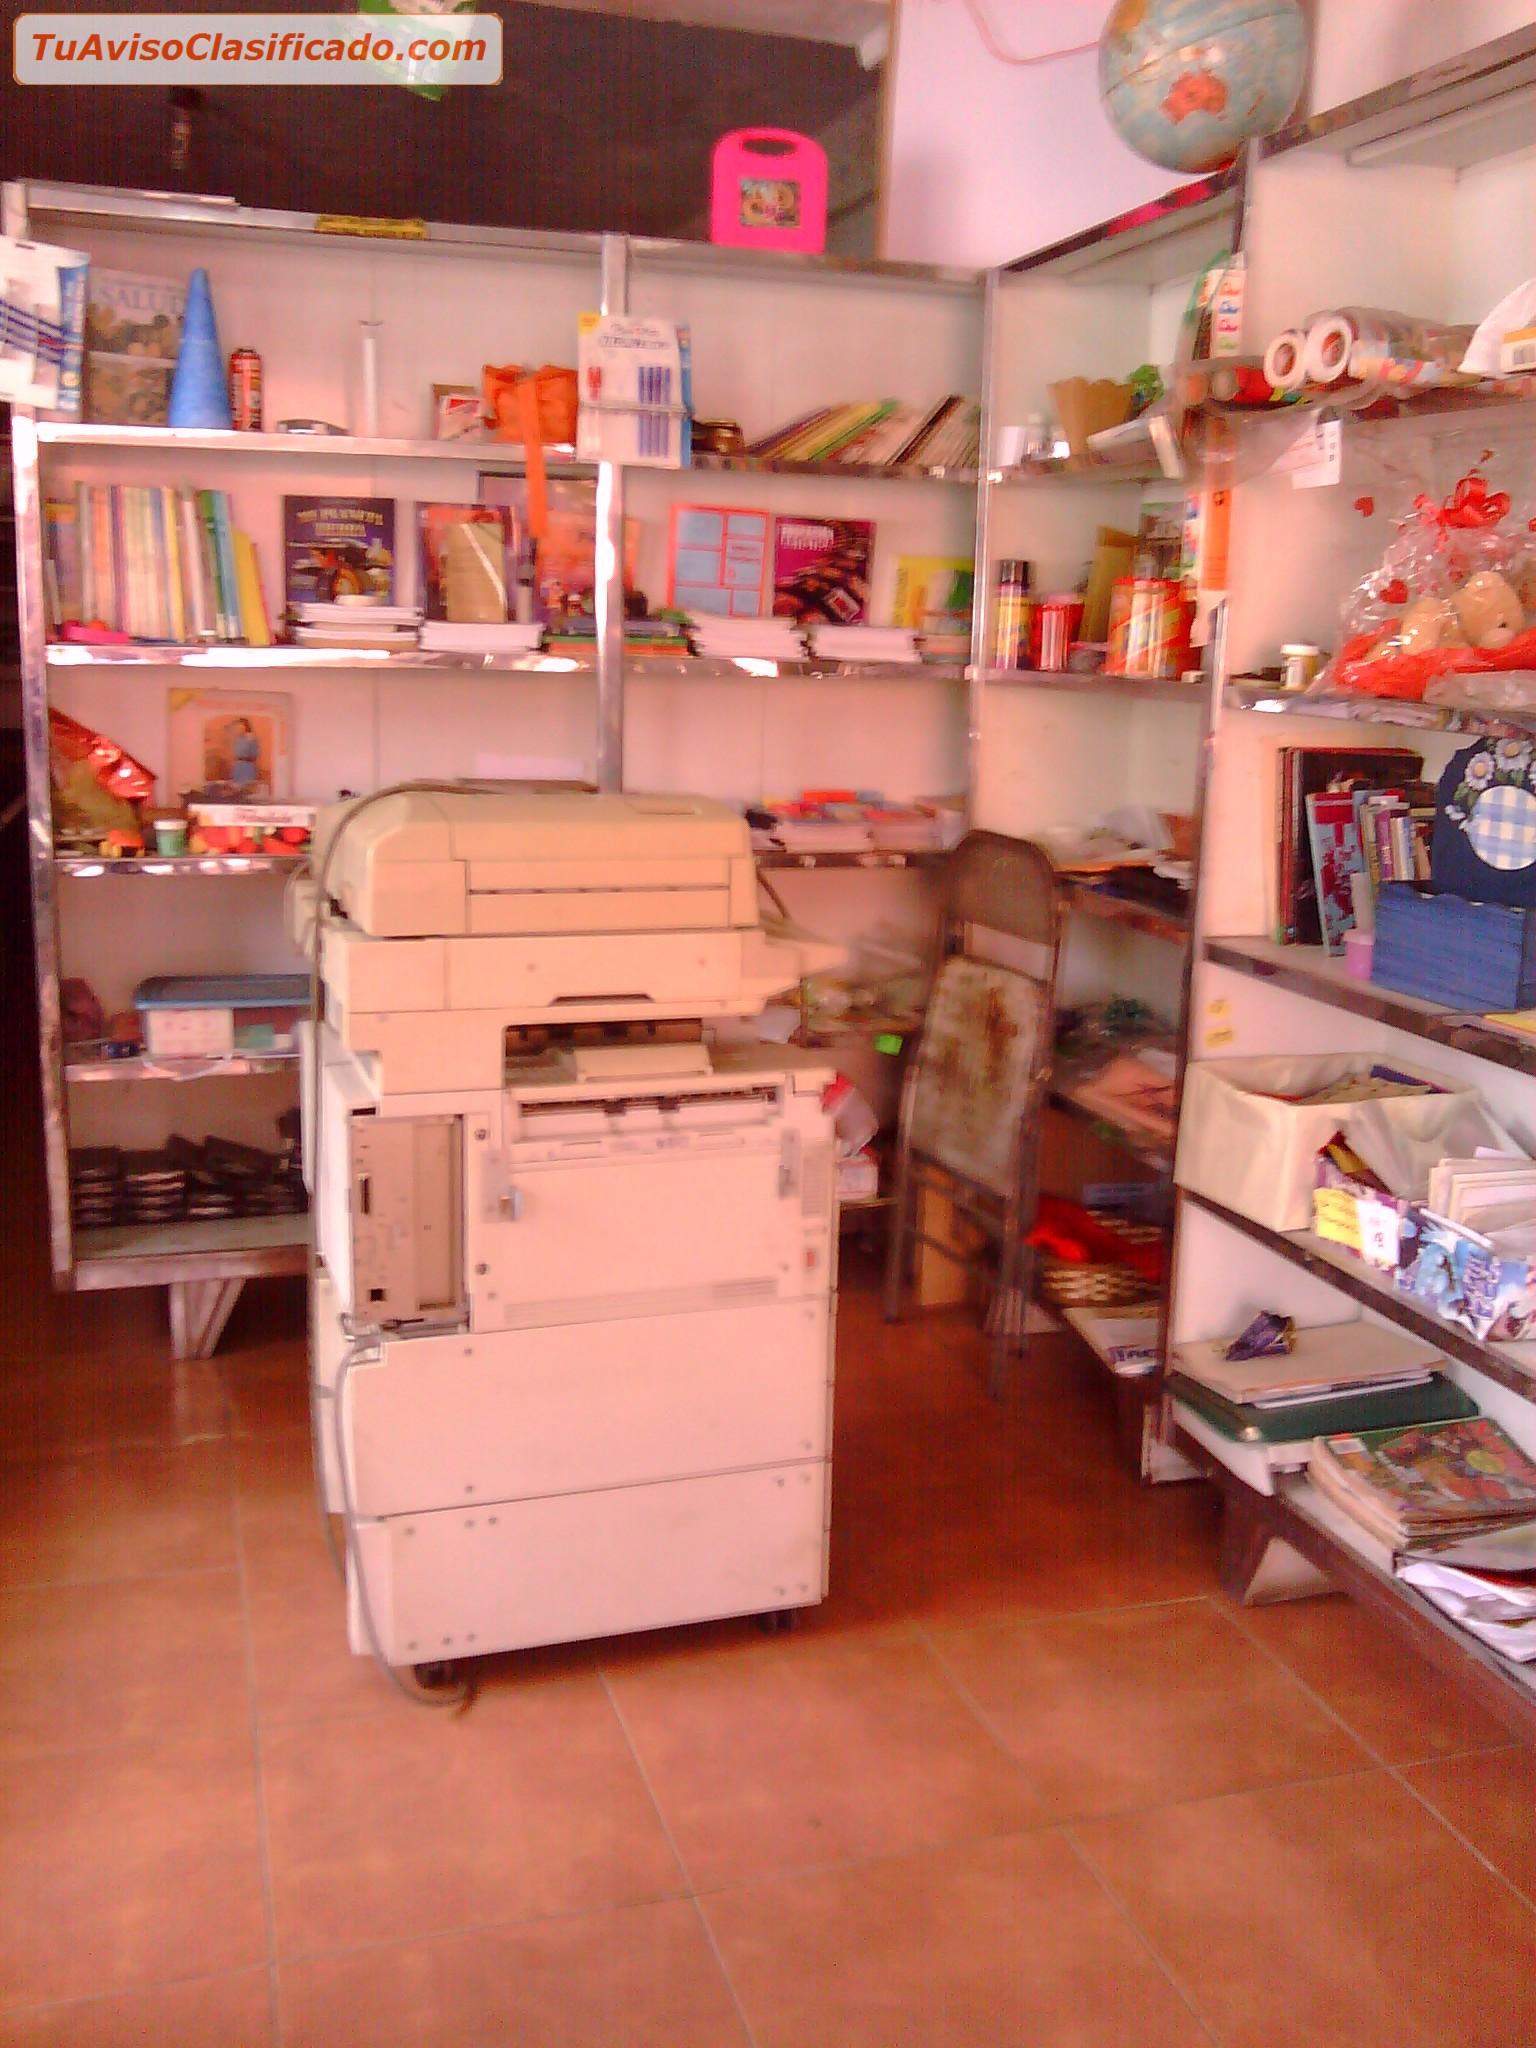 Librer a papeler a art culos de oficina y mobiliario for Articulos de oficina y papeleria